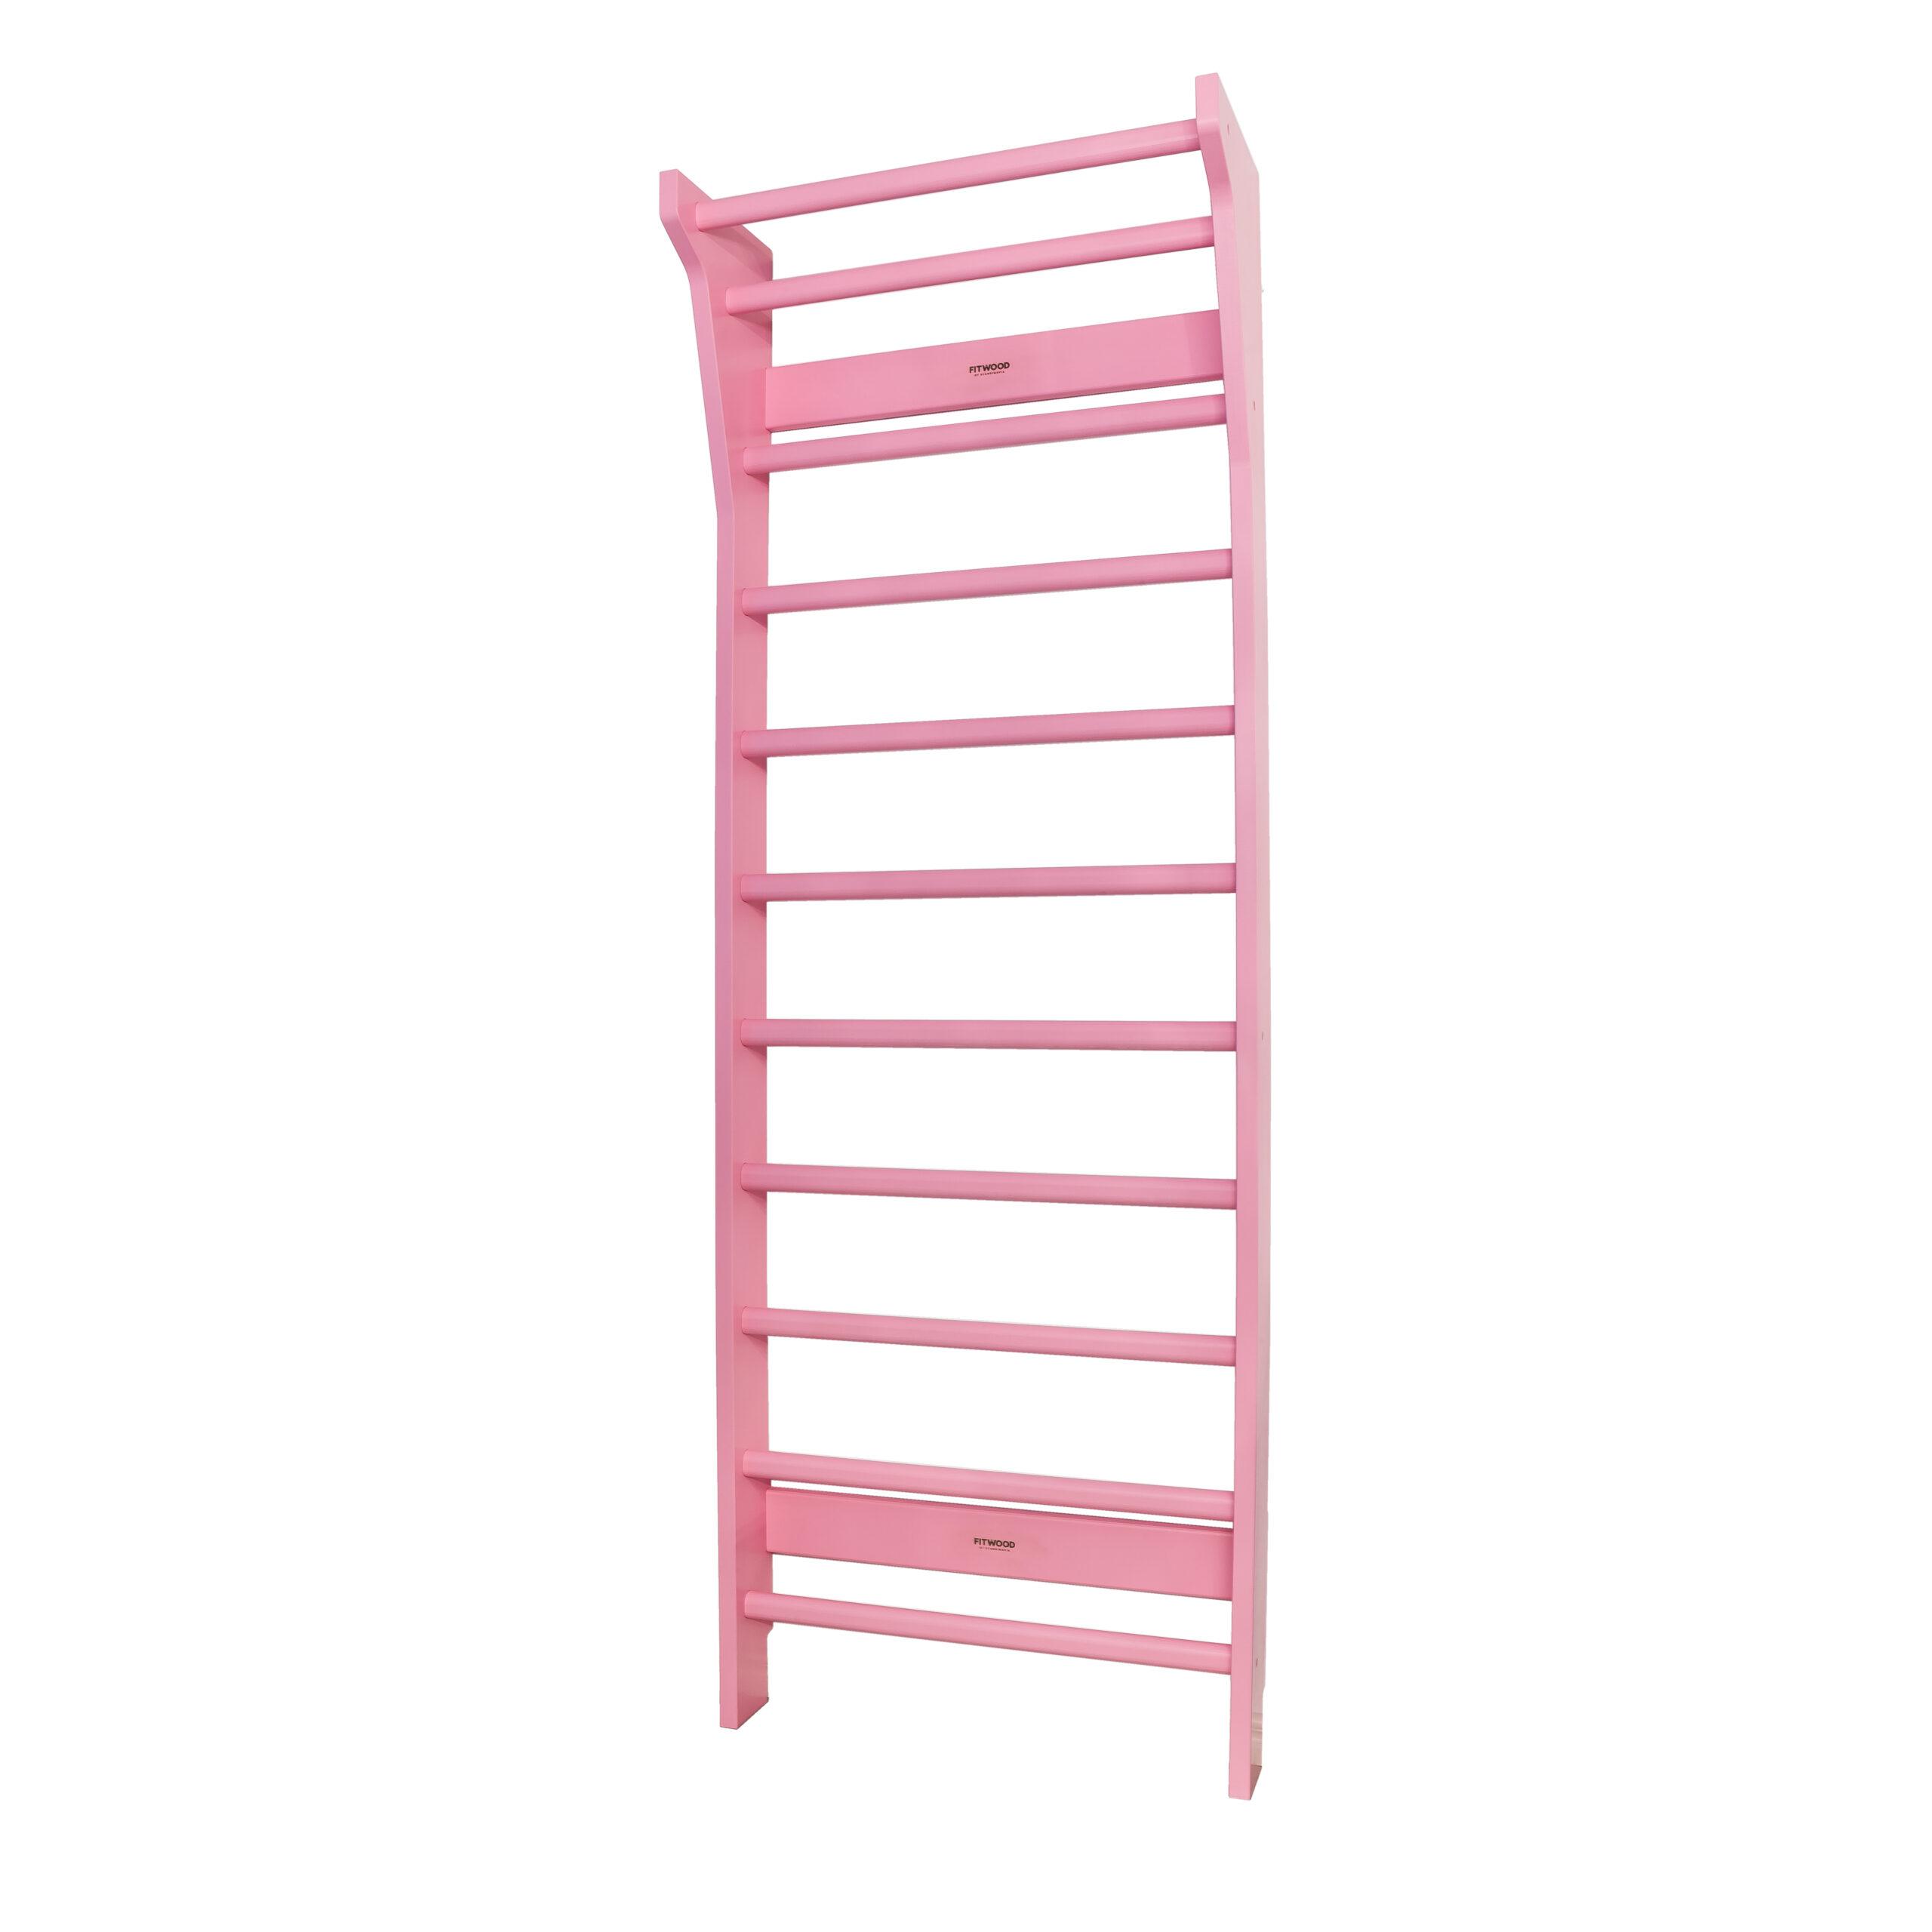 Full Size of Fitwood Sprossenwand Upplyft Mini Pink Spielzeug Fr Die Regal Kinderzimmer Weiß Sofa Regale Kinderzimmer Sprossenwand Kinderzimmer